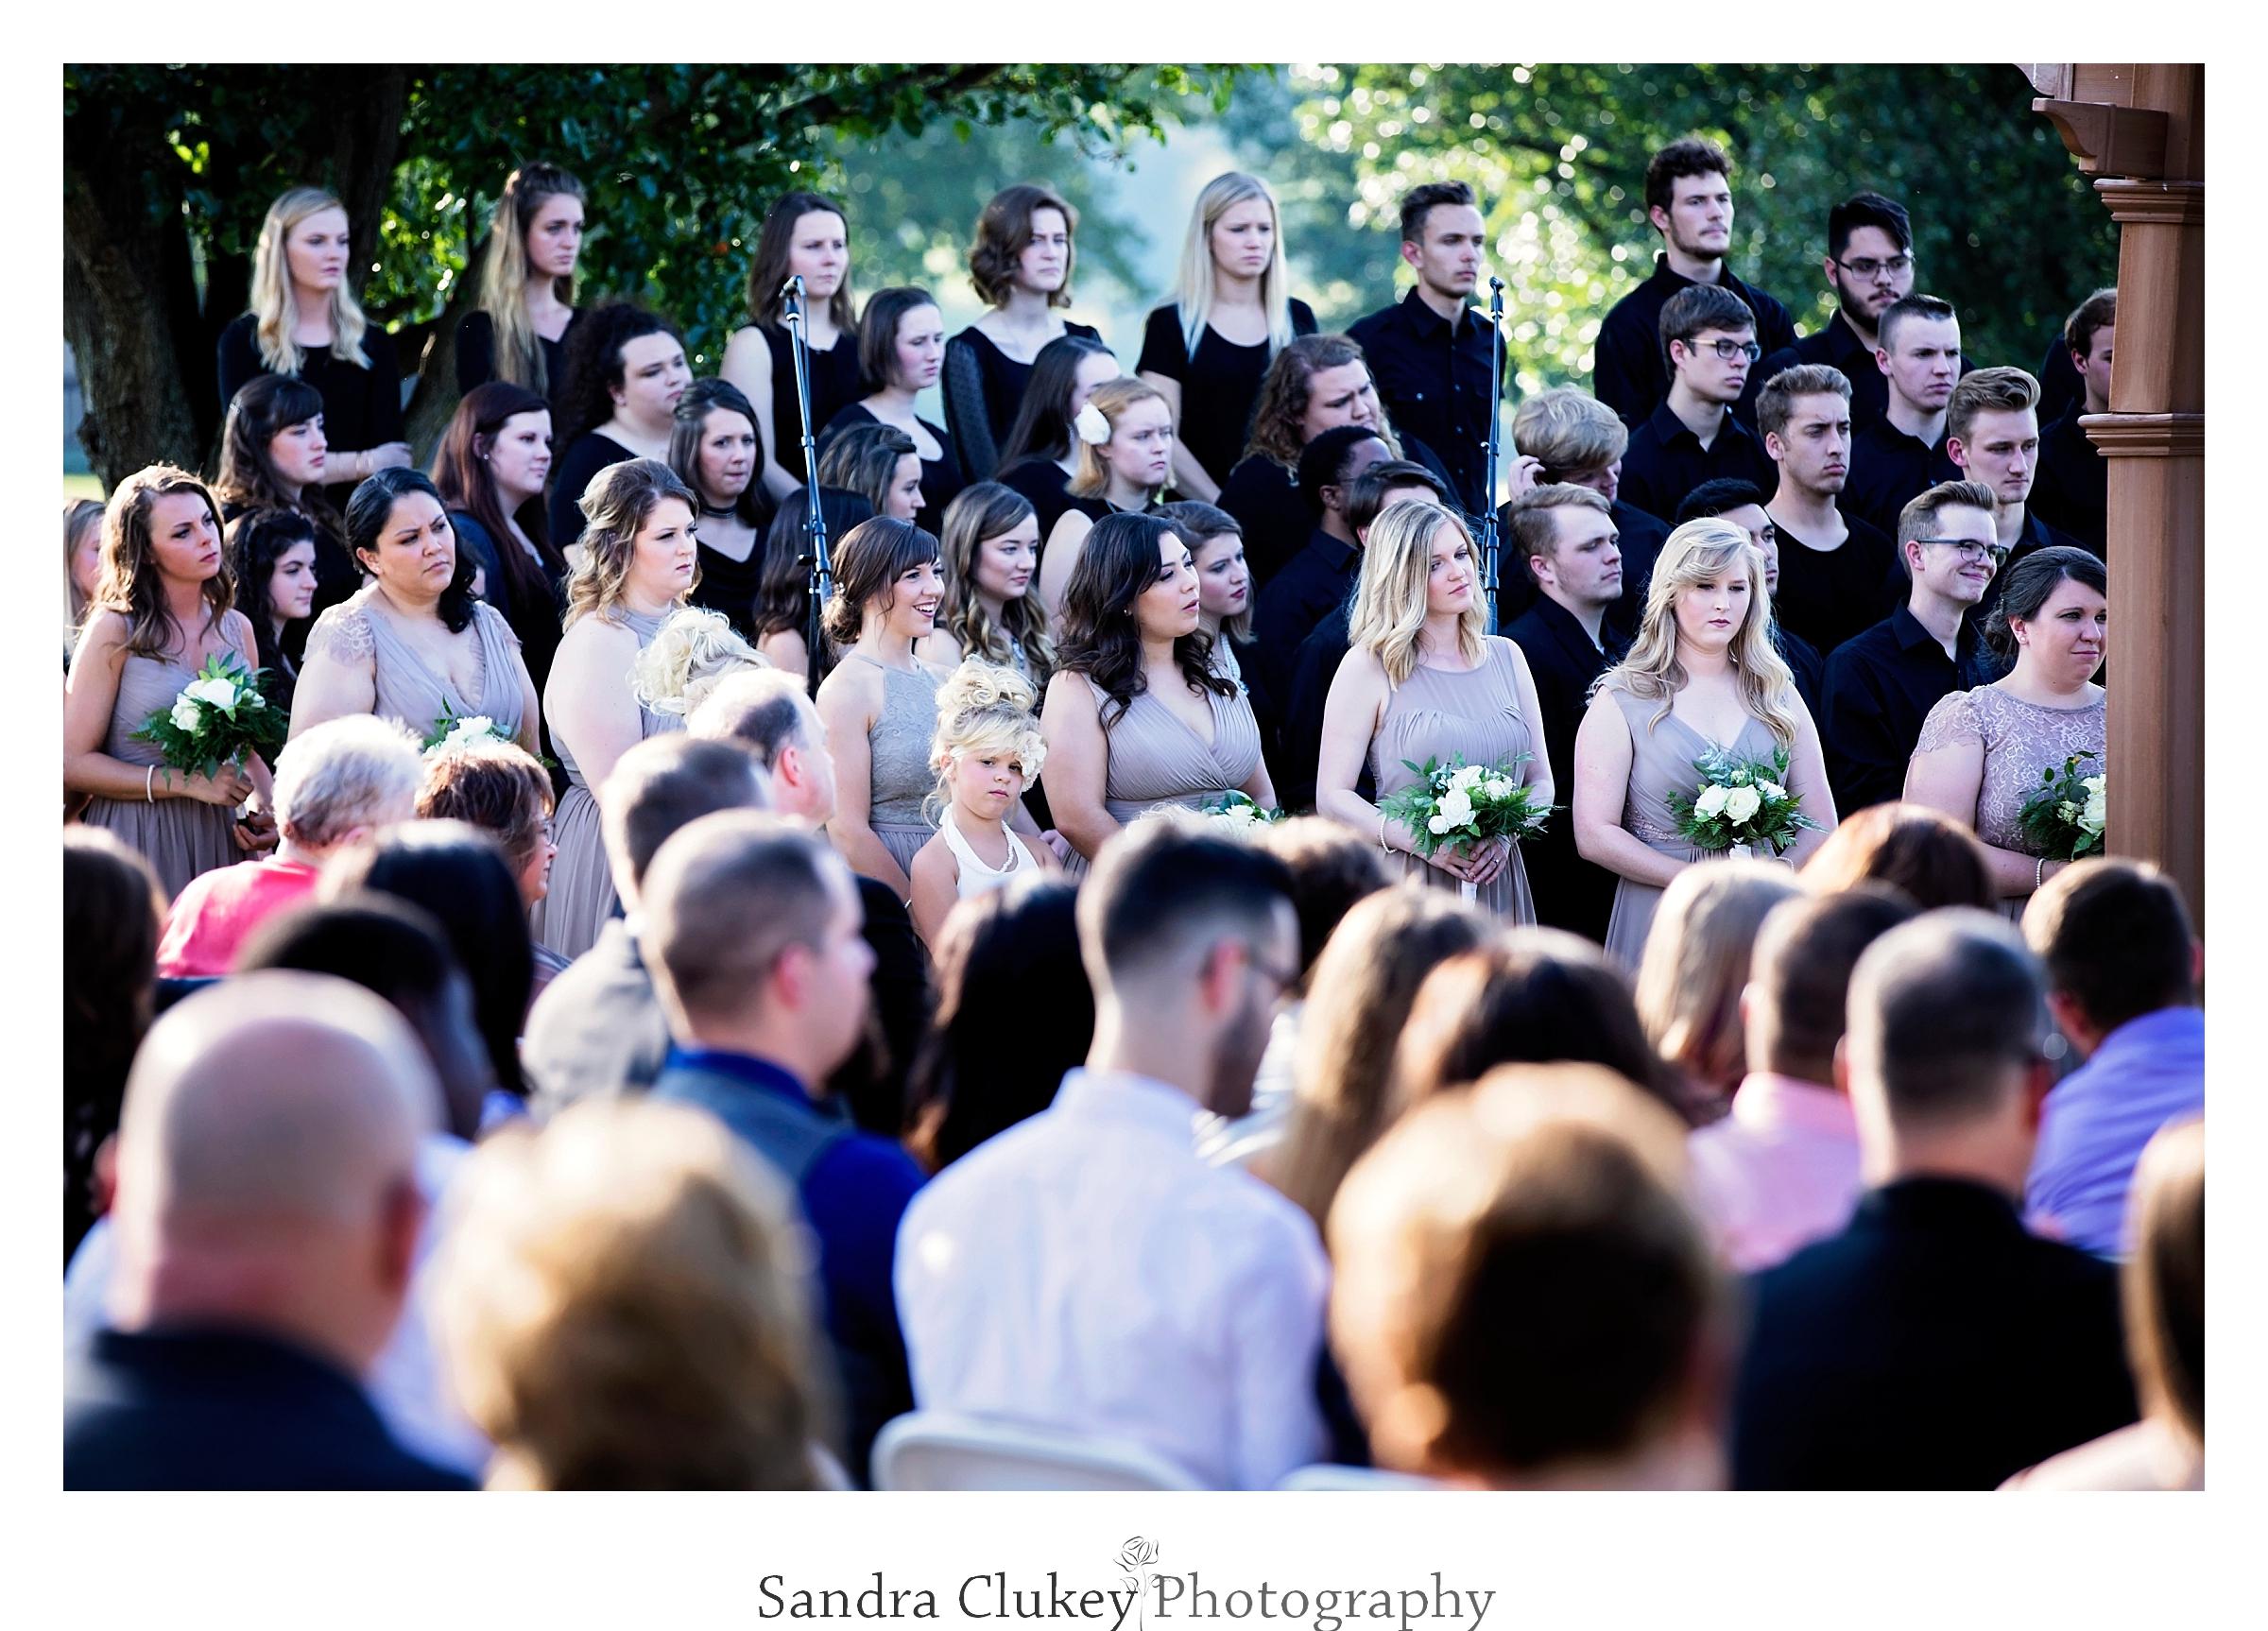 Lee University Campus Choir sings at wedding